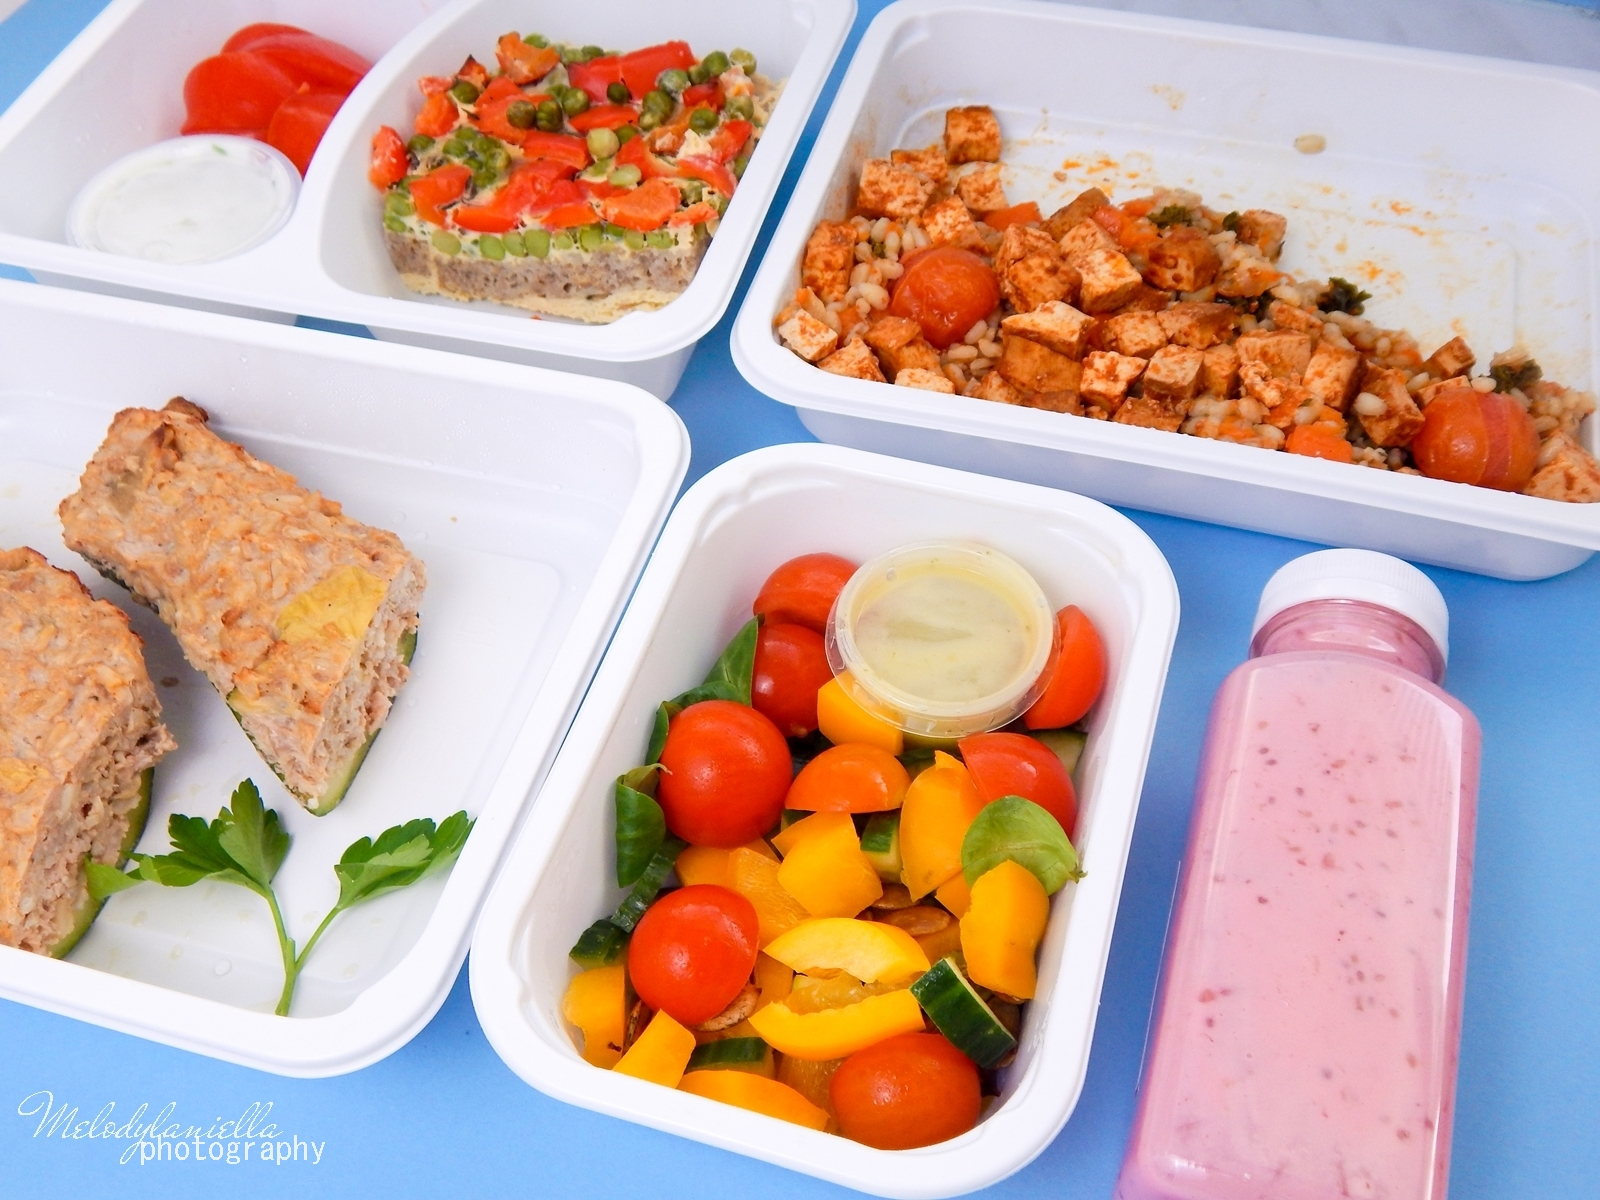 018 cateromarket dieta pudełkowa catering dietetyczny dieta jak przejść na dietę catering z dowozem do domu dieta kalorie melodylaniella dieta na cały dzień jedzenie na cały dzień catering do domu